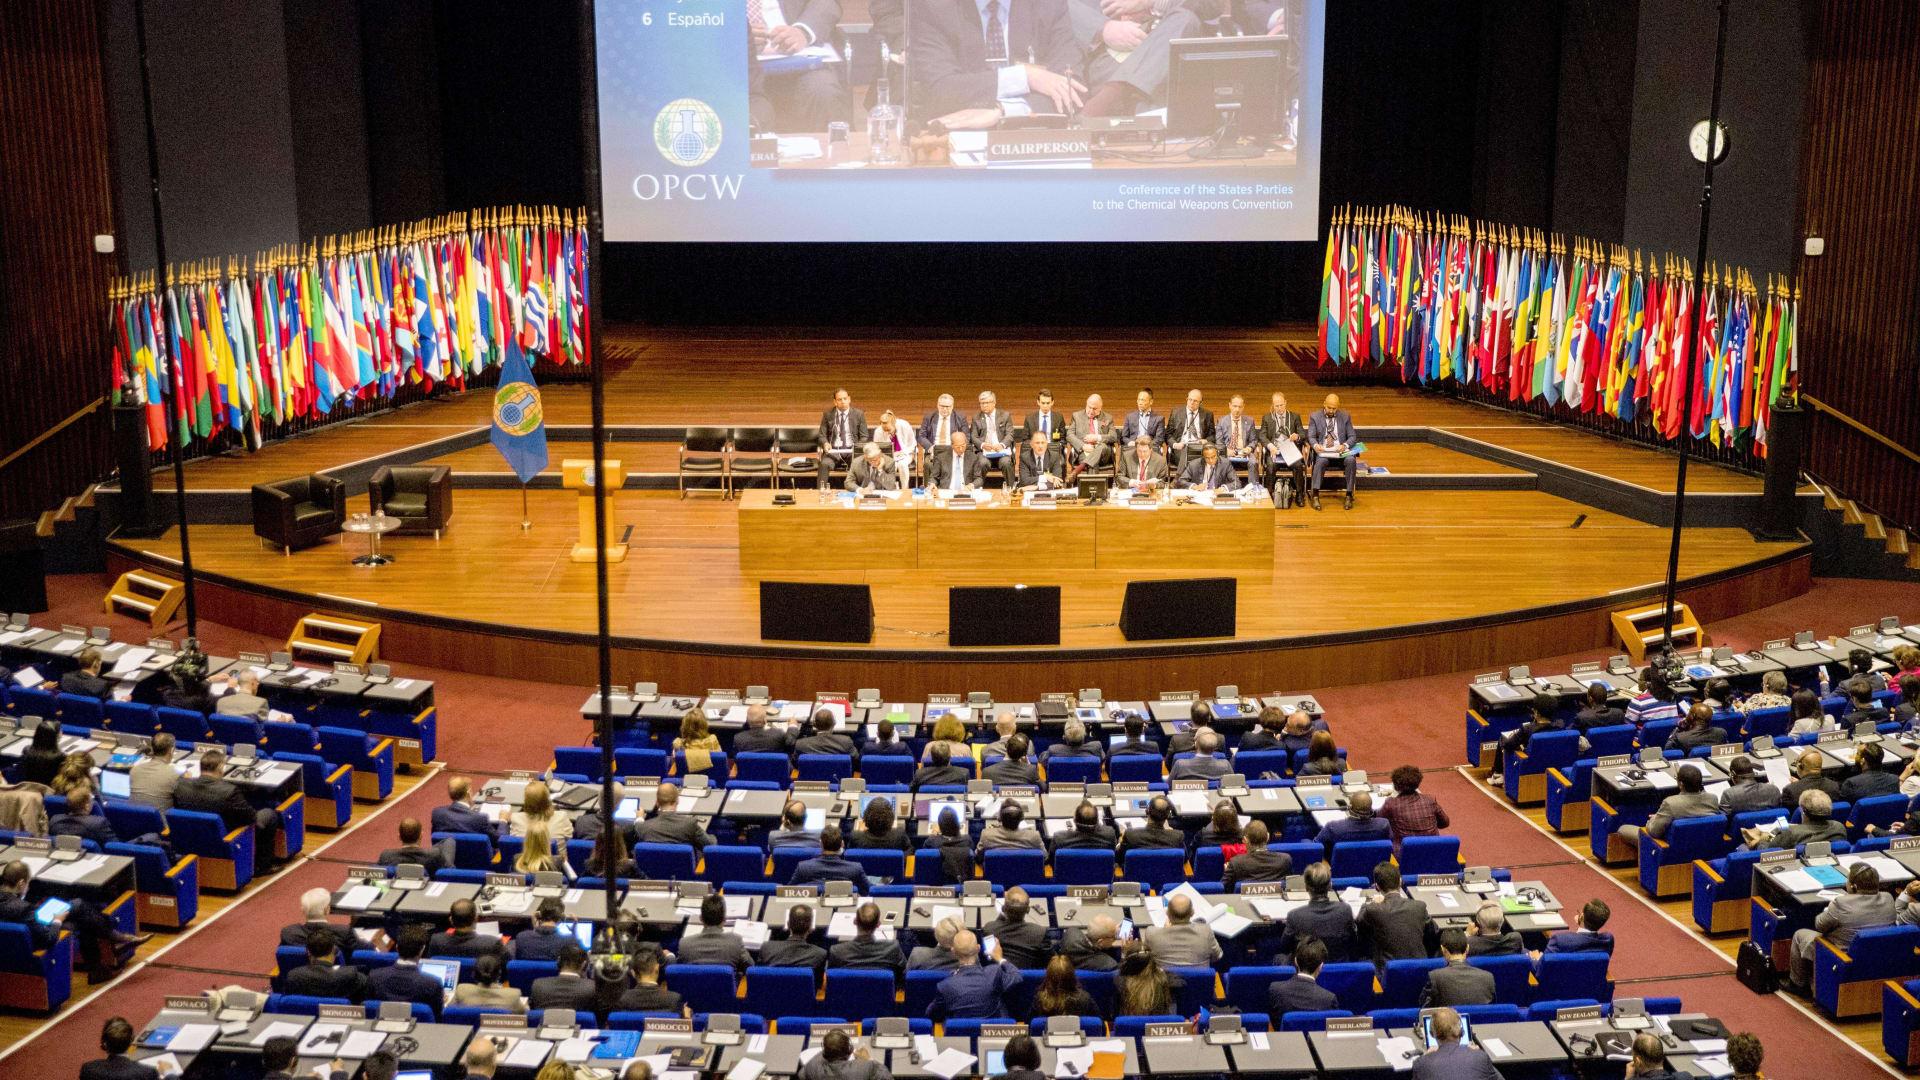 جلسة للدول الأعضاء في منظمة حظر الأسلحة الكيميائية - صورة أرشيفية